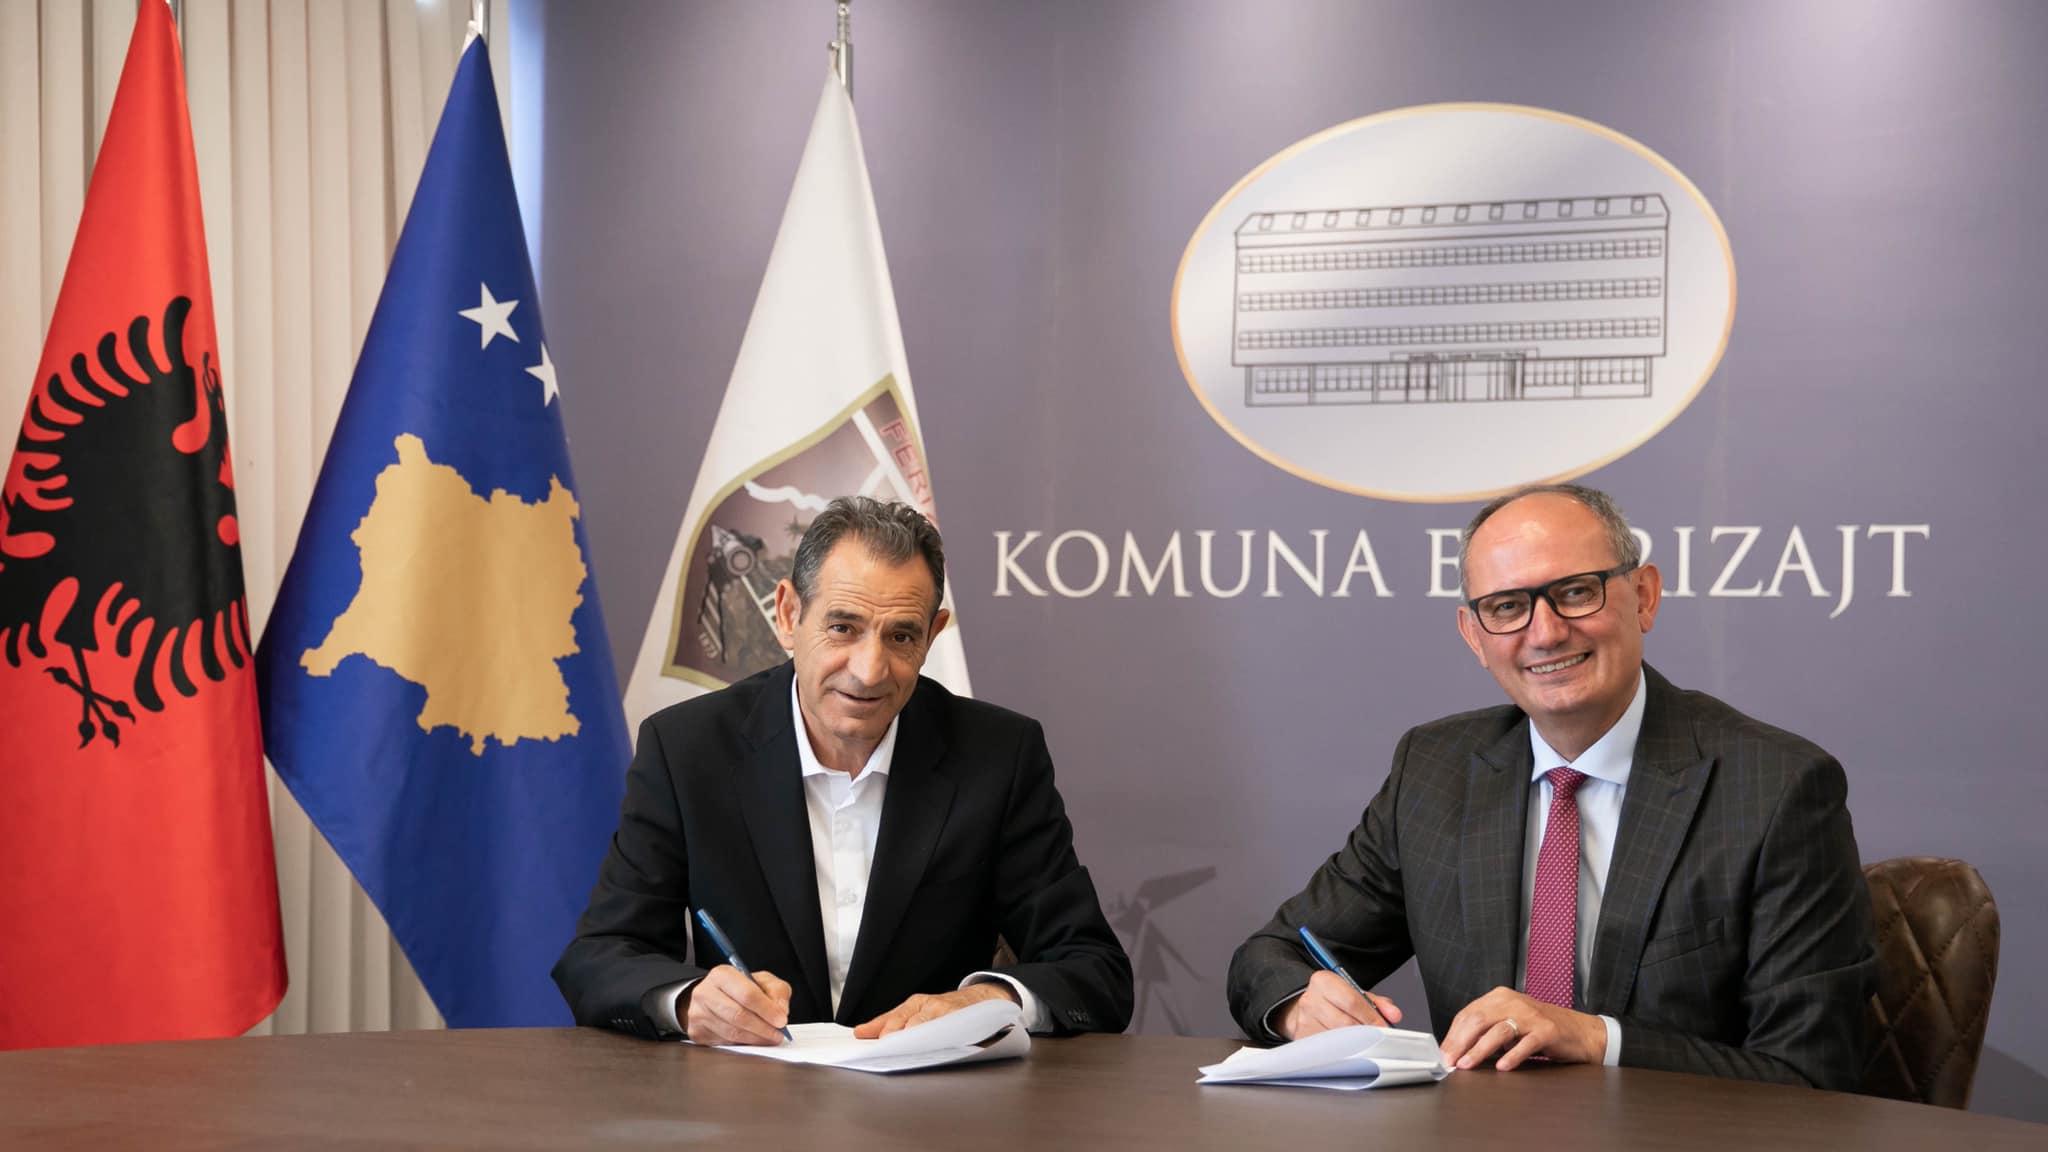 207176908 4442350299149721 9149060198569233127 n - Ferizaj me investim mbi 5 milionë euro në energjetikë – së shpejti me Nënstacion 110 kV